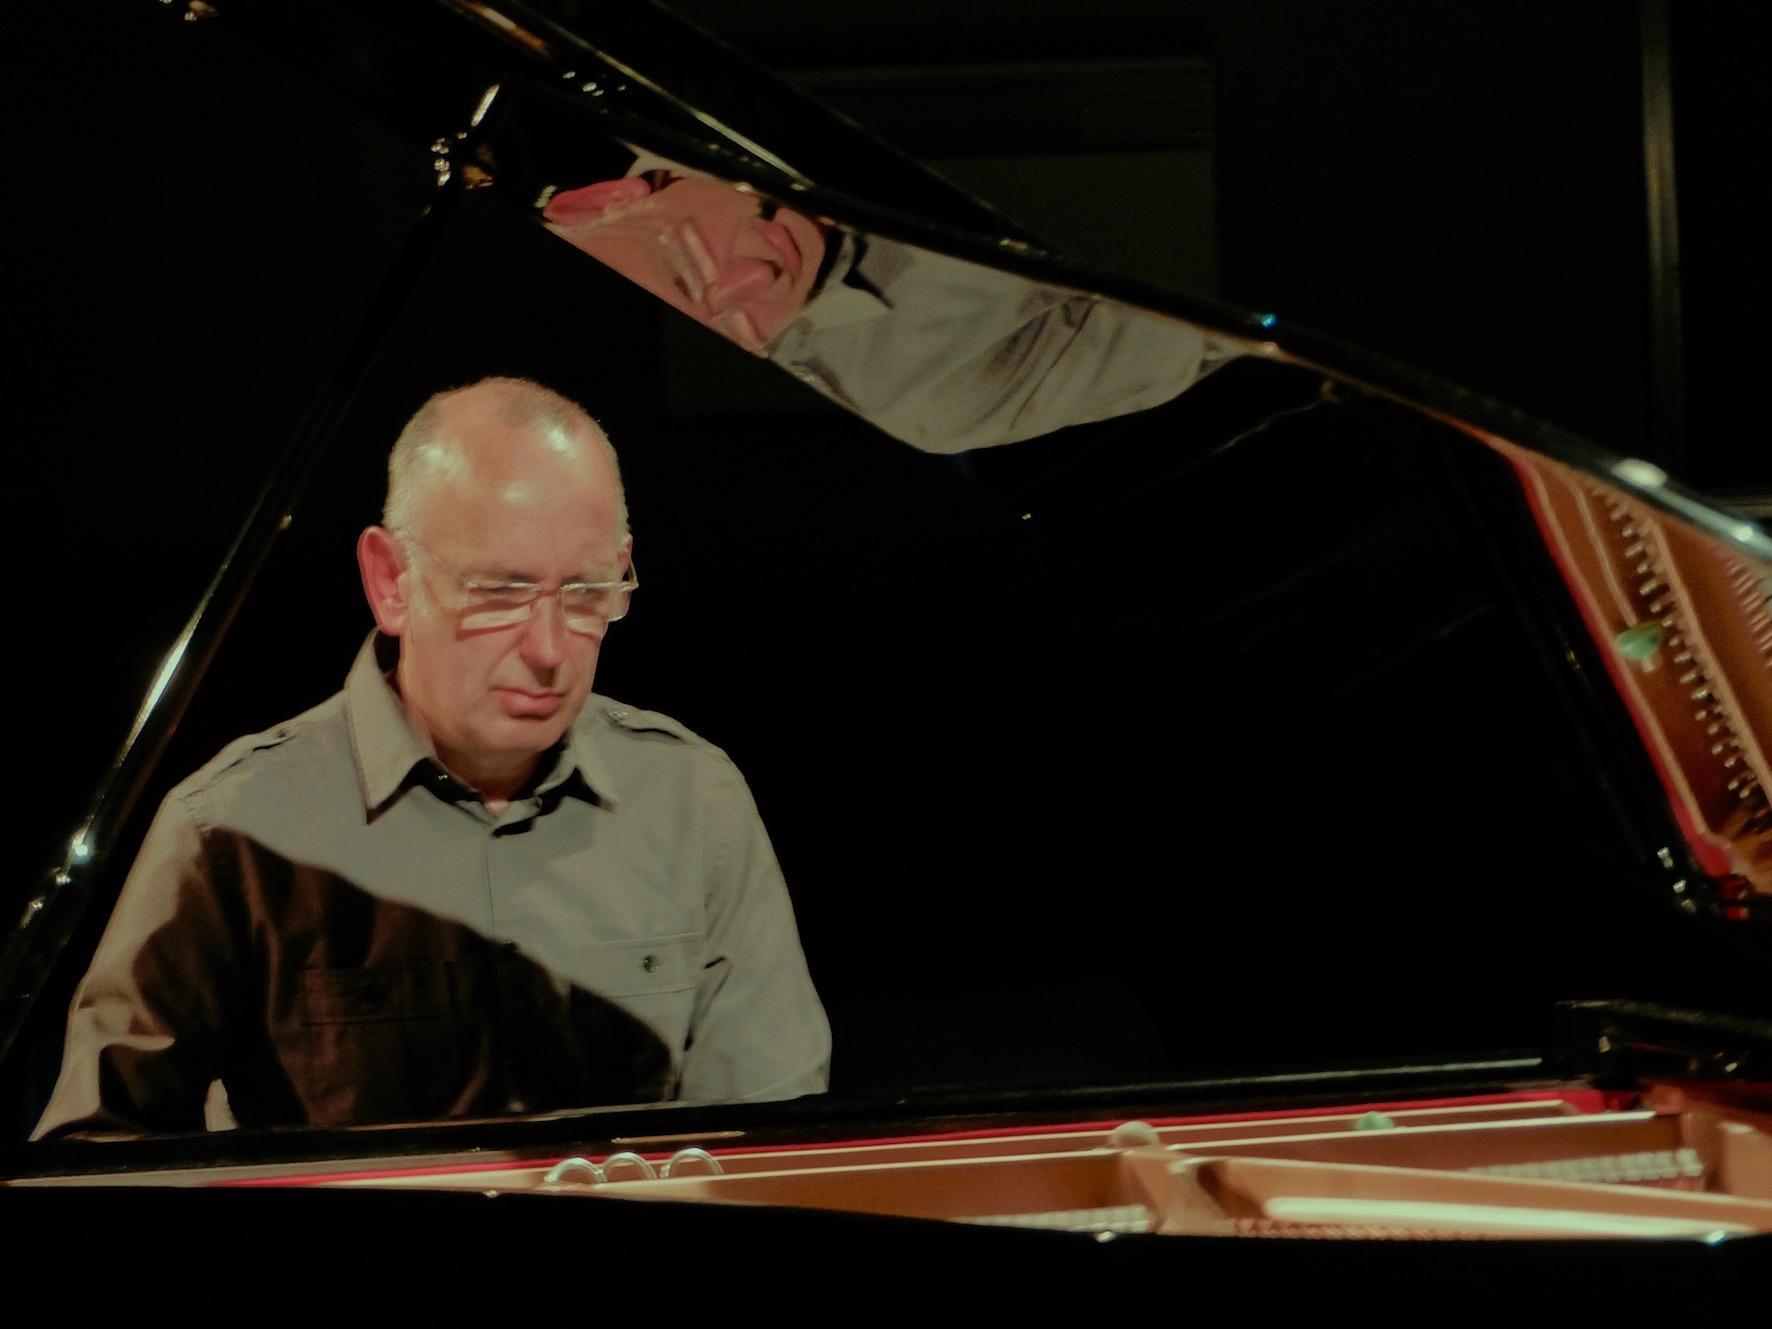 Didier Fréboeuf